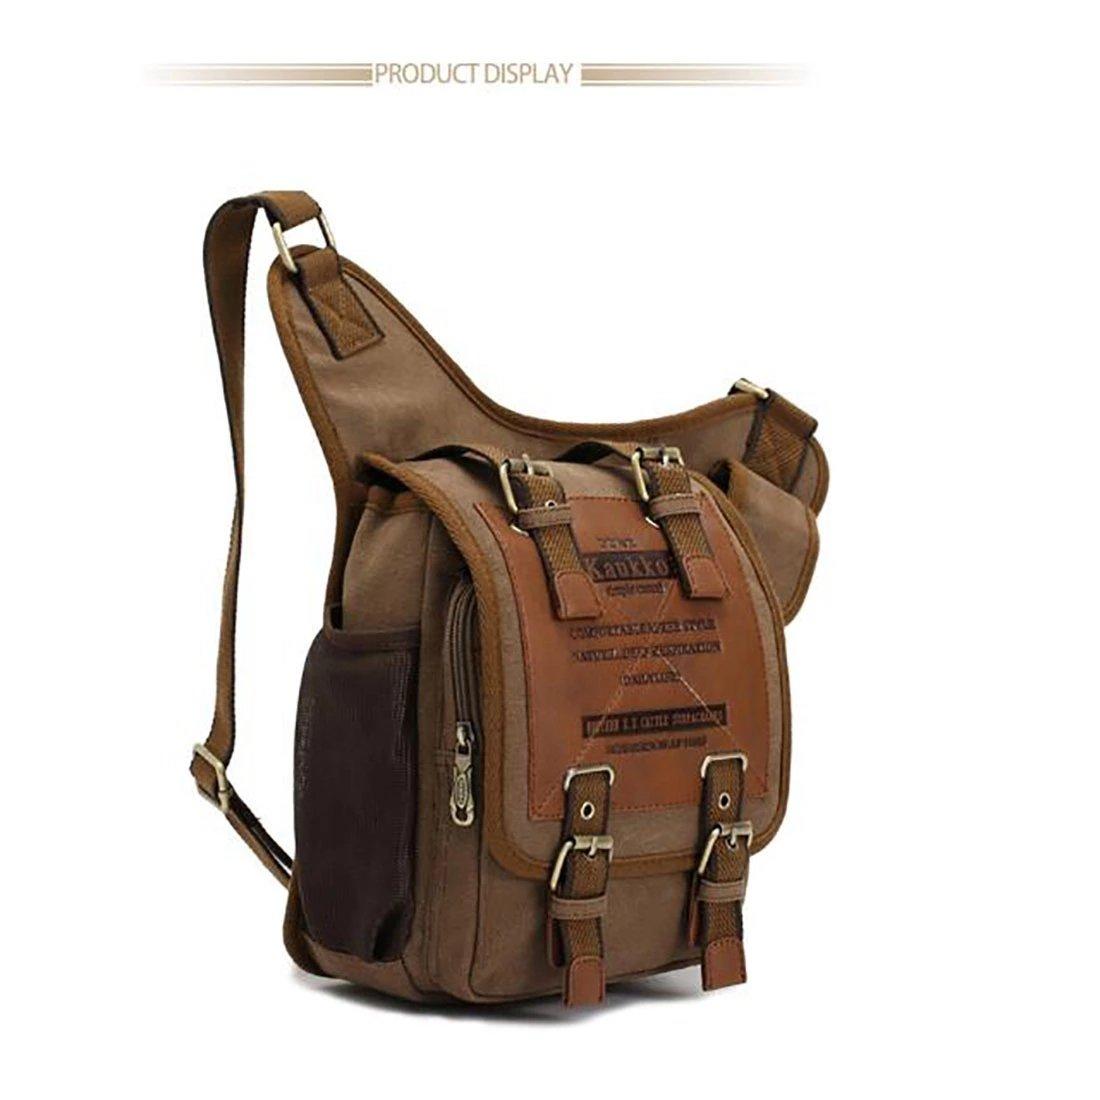 Koola's Bag Sac à l'Epaule Homme Style Rétro en Toile Fashion Sac Vintage Chevalier Sac Messager Noir Brun JDNz2FwVm